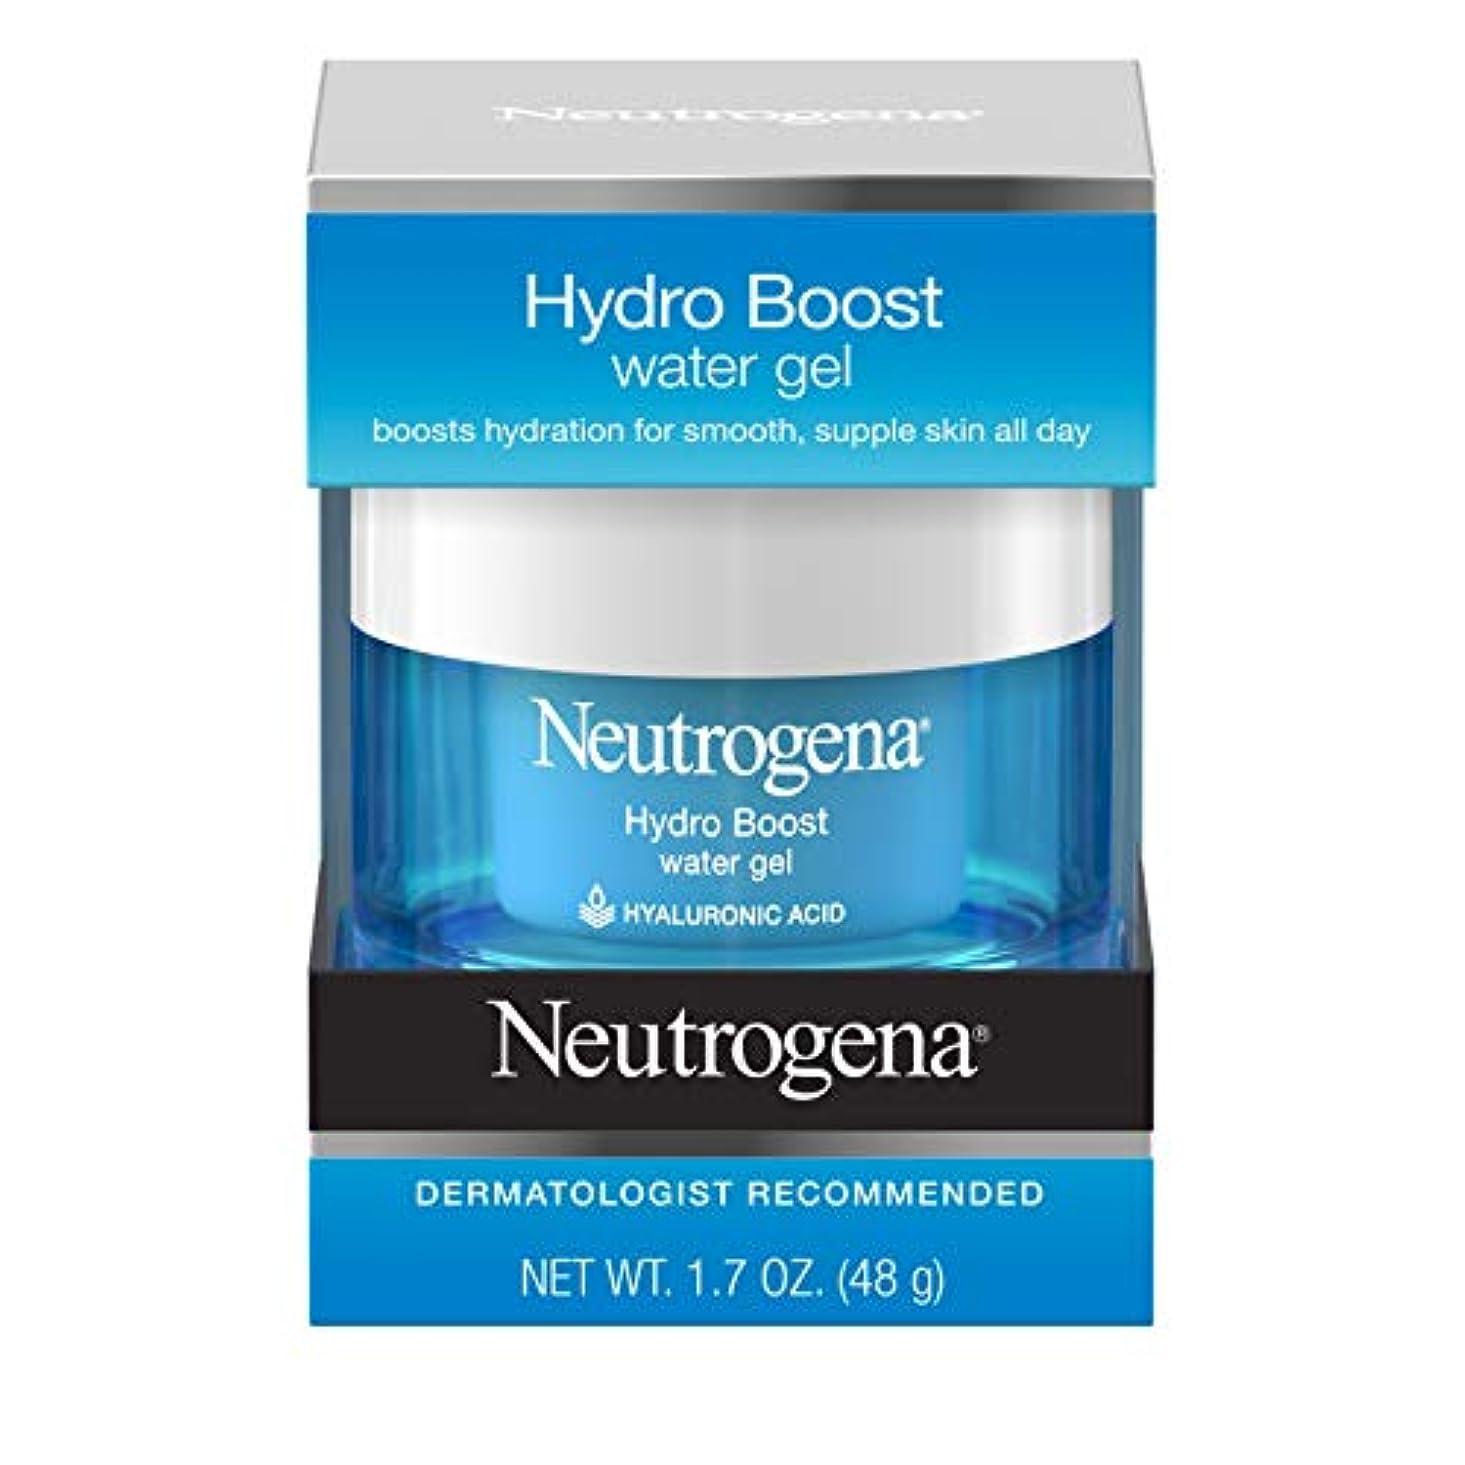 シェトランド諸島ゆり半導体Neutrogena Hydro Boost Water Gel、1.7 FL。Oz